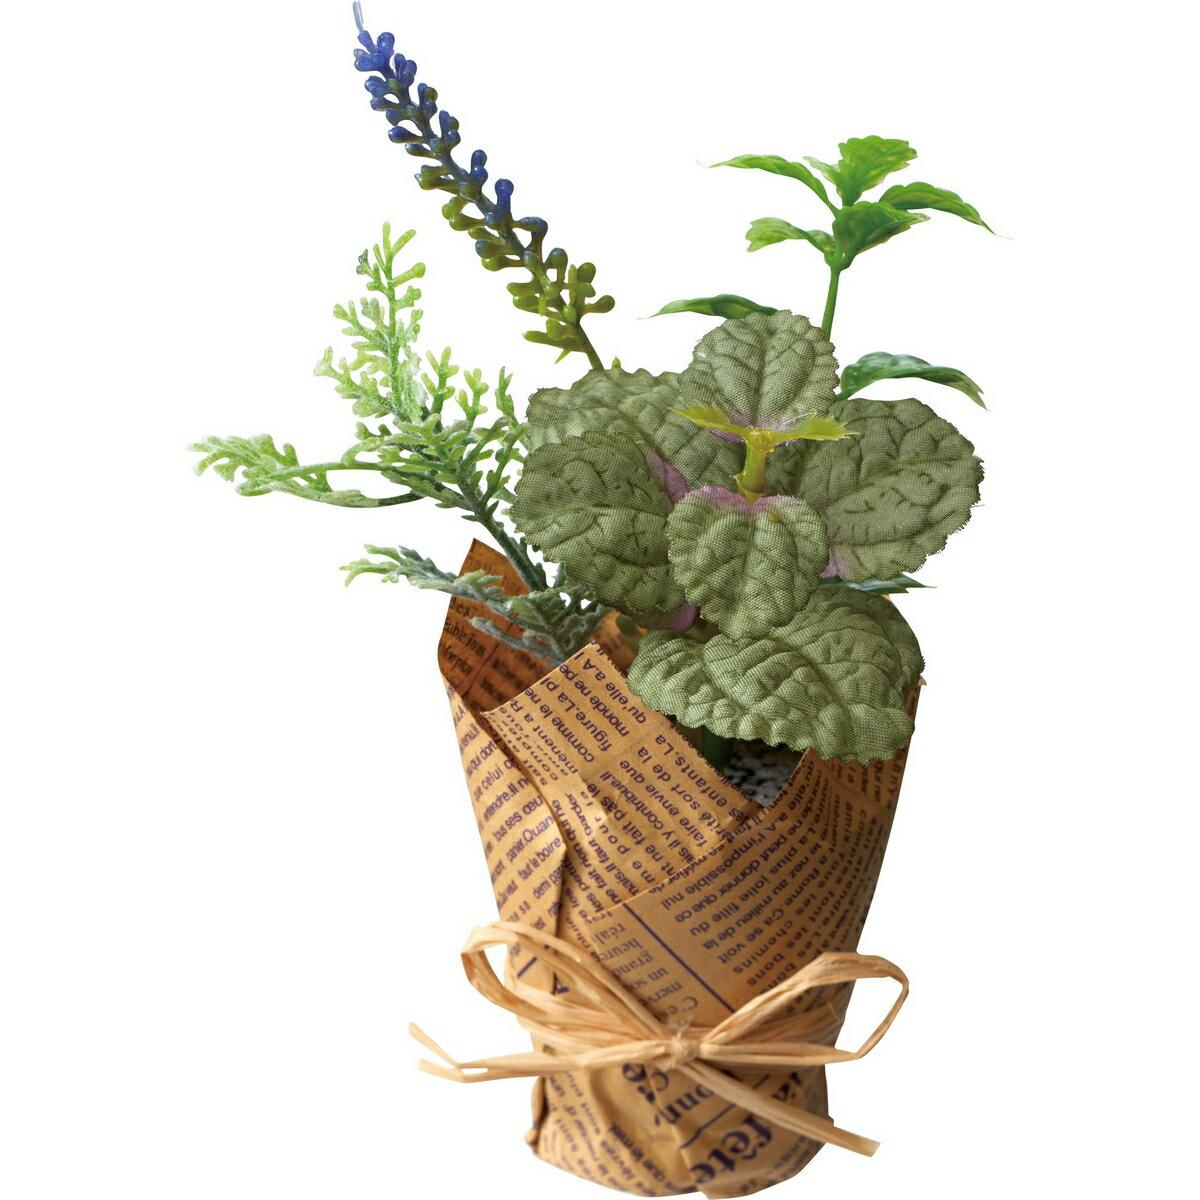 【造花】YDM/グリーンポットミントミックス ダークグリーン/GLA-1412-DGR【01】【取寄】《 造花(アーティフィシャルフラワー) 造花ギフト フラワーアレンジ 》